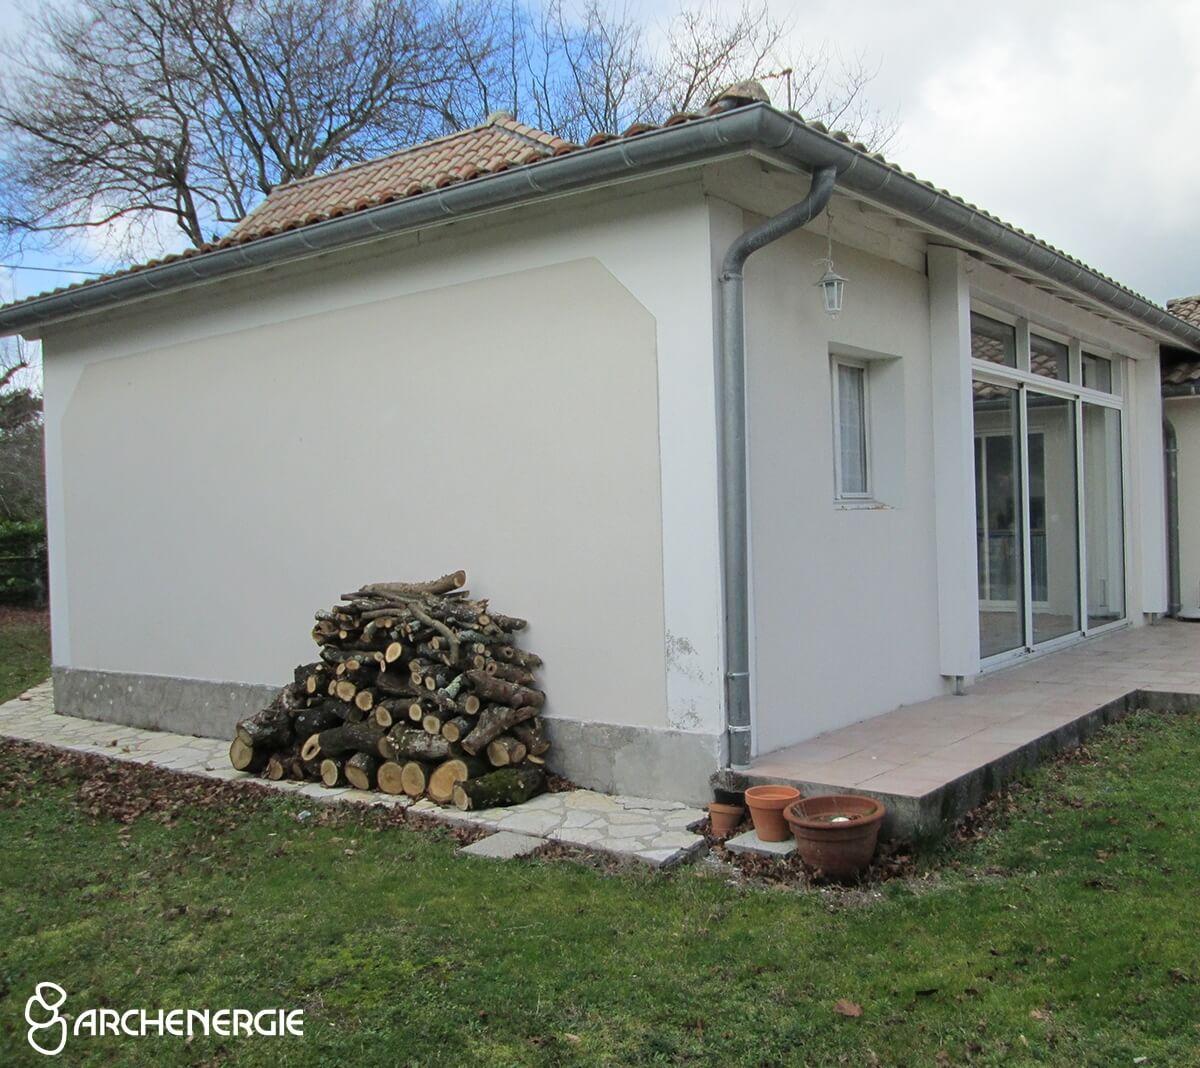 État initial de la maison avant rénovation - Ares - Gironde - Archenergie